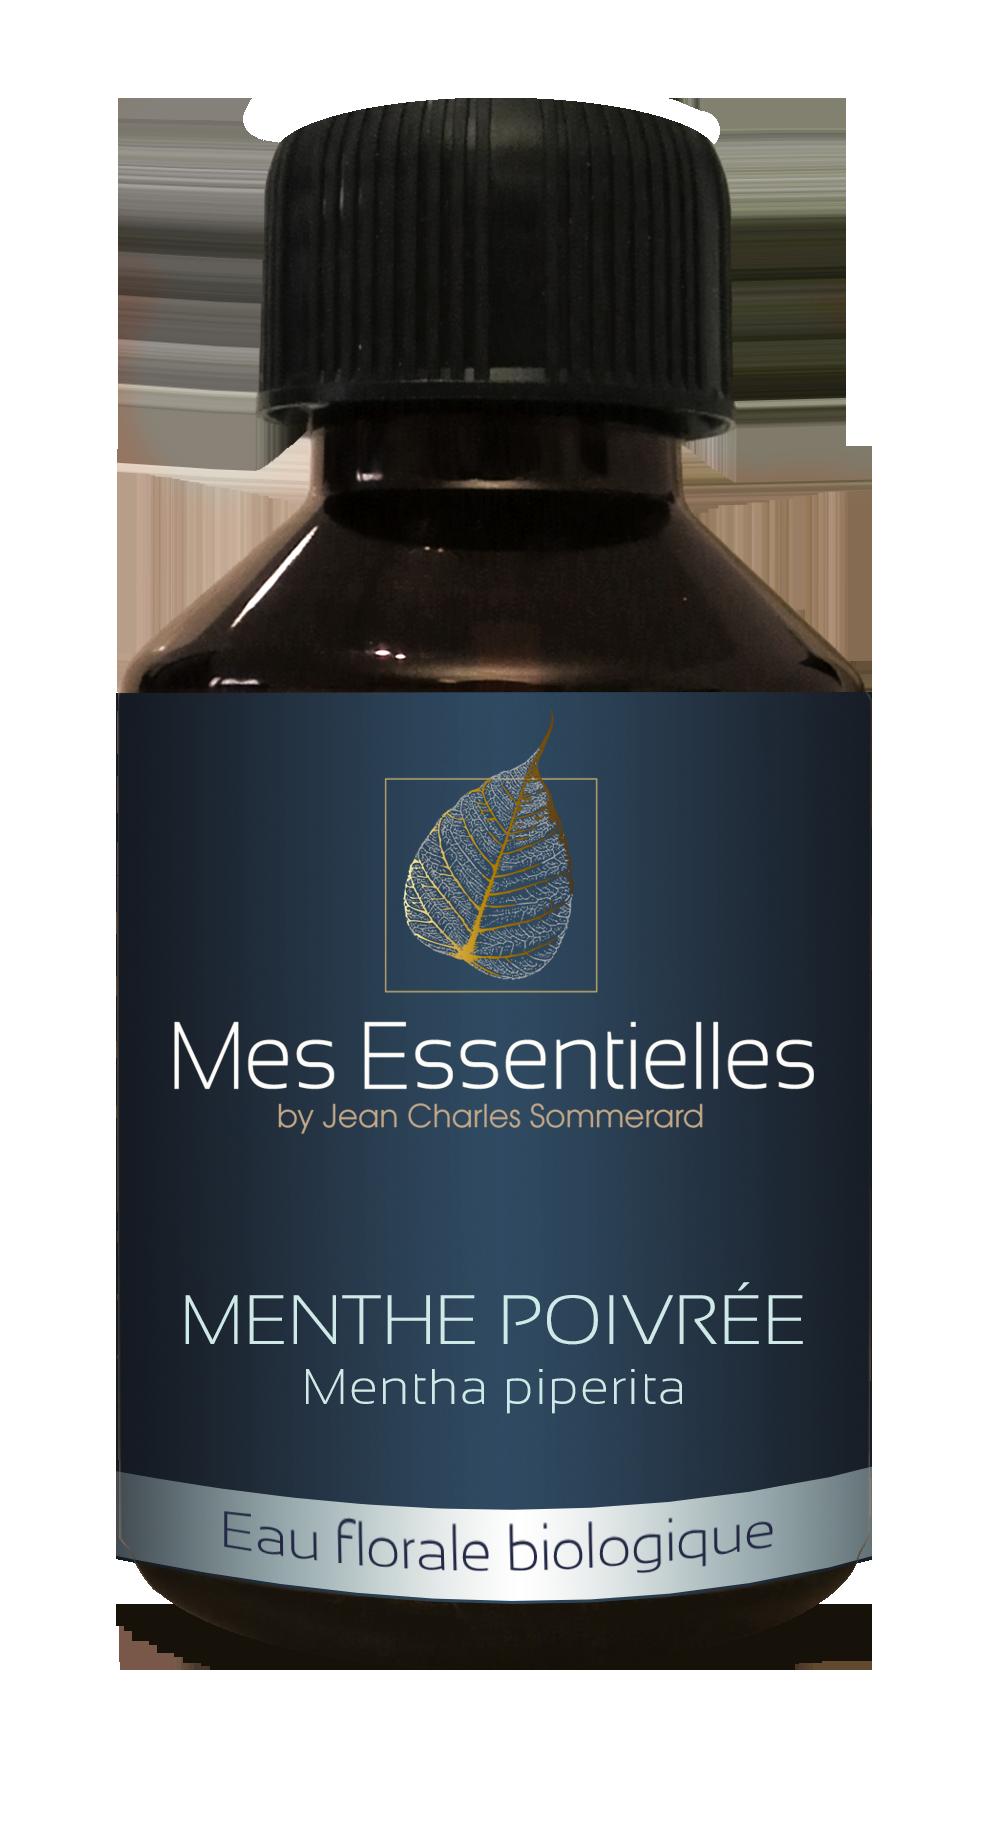 Sevessence - Eau florale biologique Menthe-poivrée